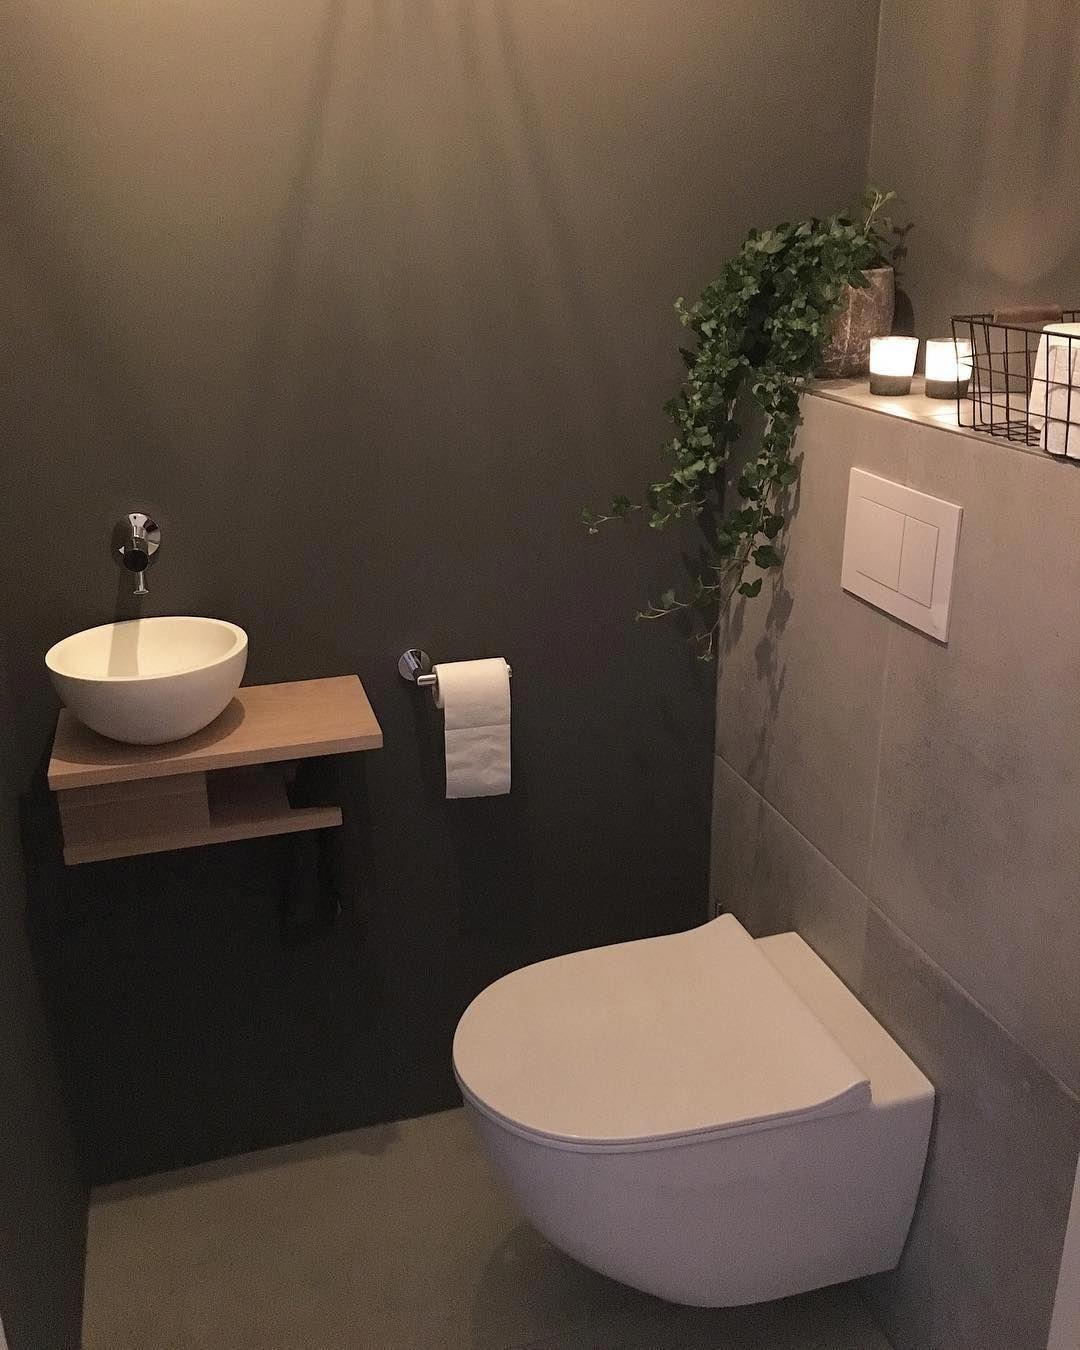 Wonderbaar 🌿 Nieuwe plant 🌿 Vind het de wc zo leuk aankleden 🤗 #wc #toilet CK-02